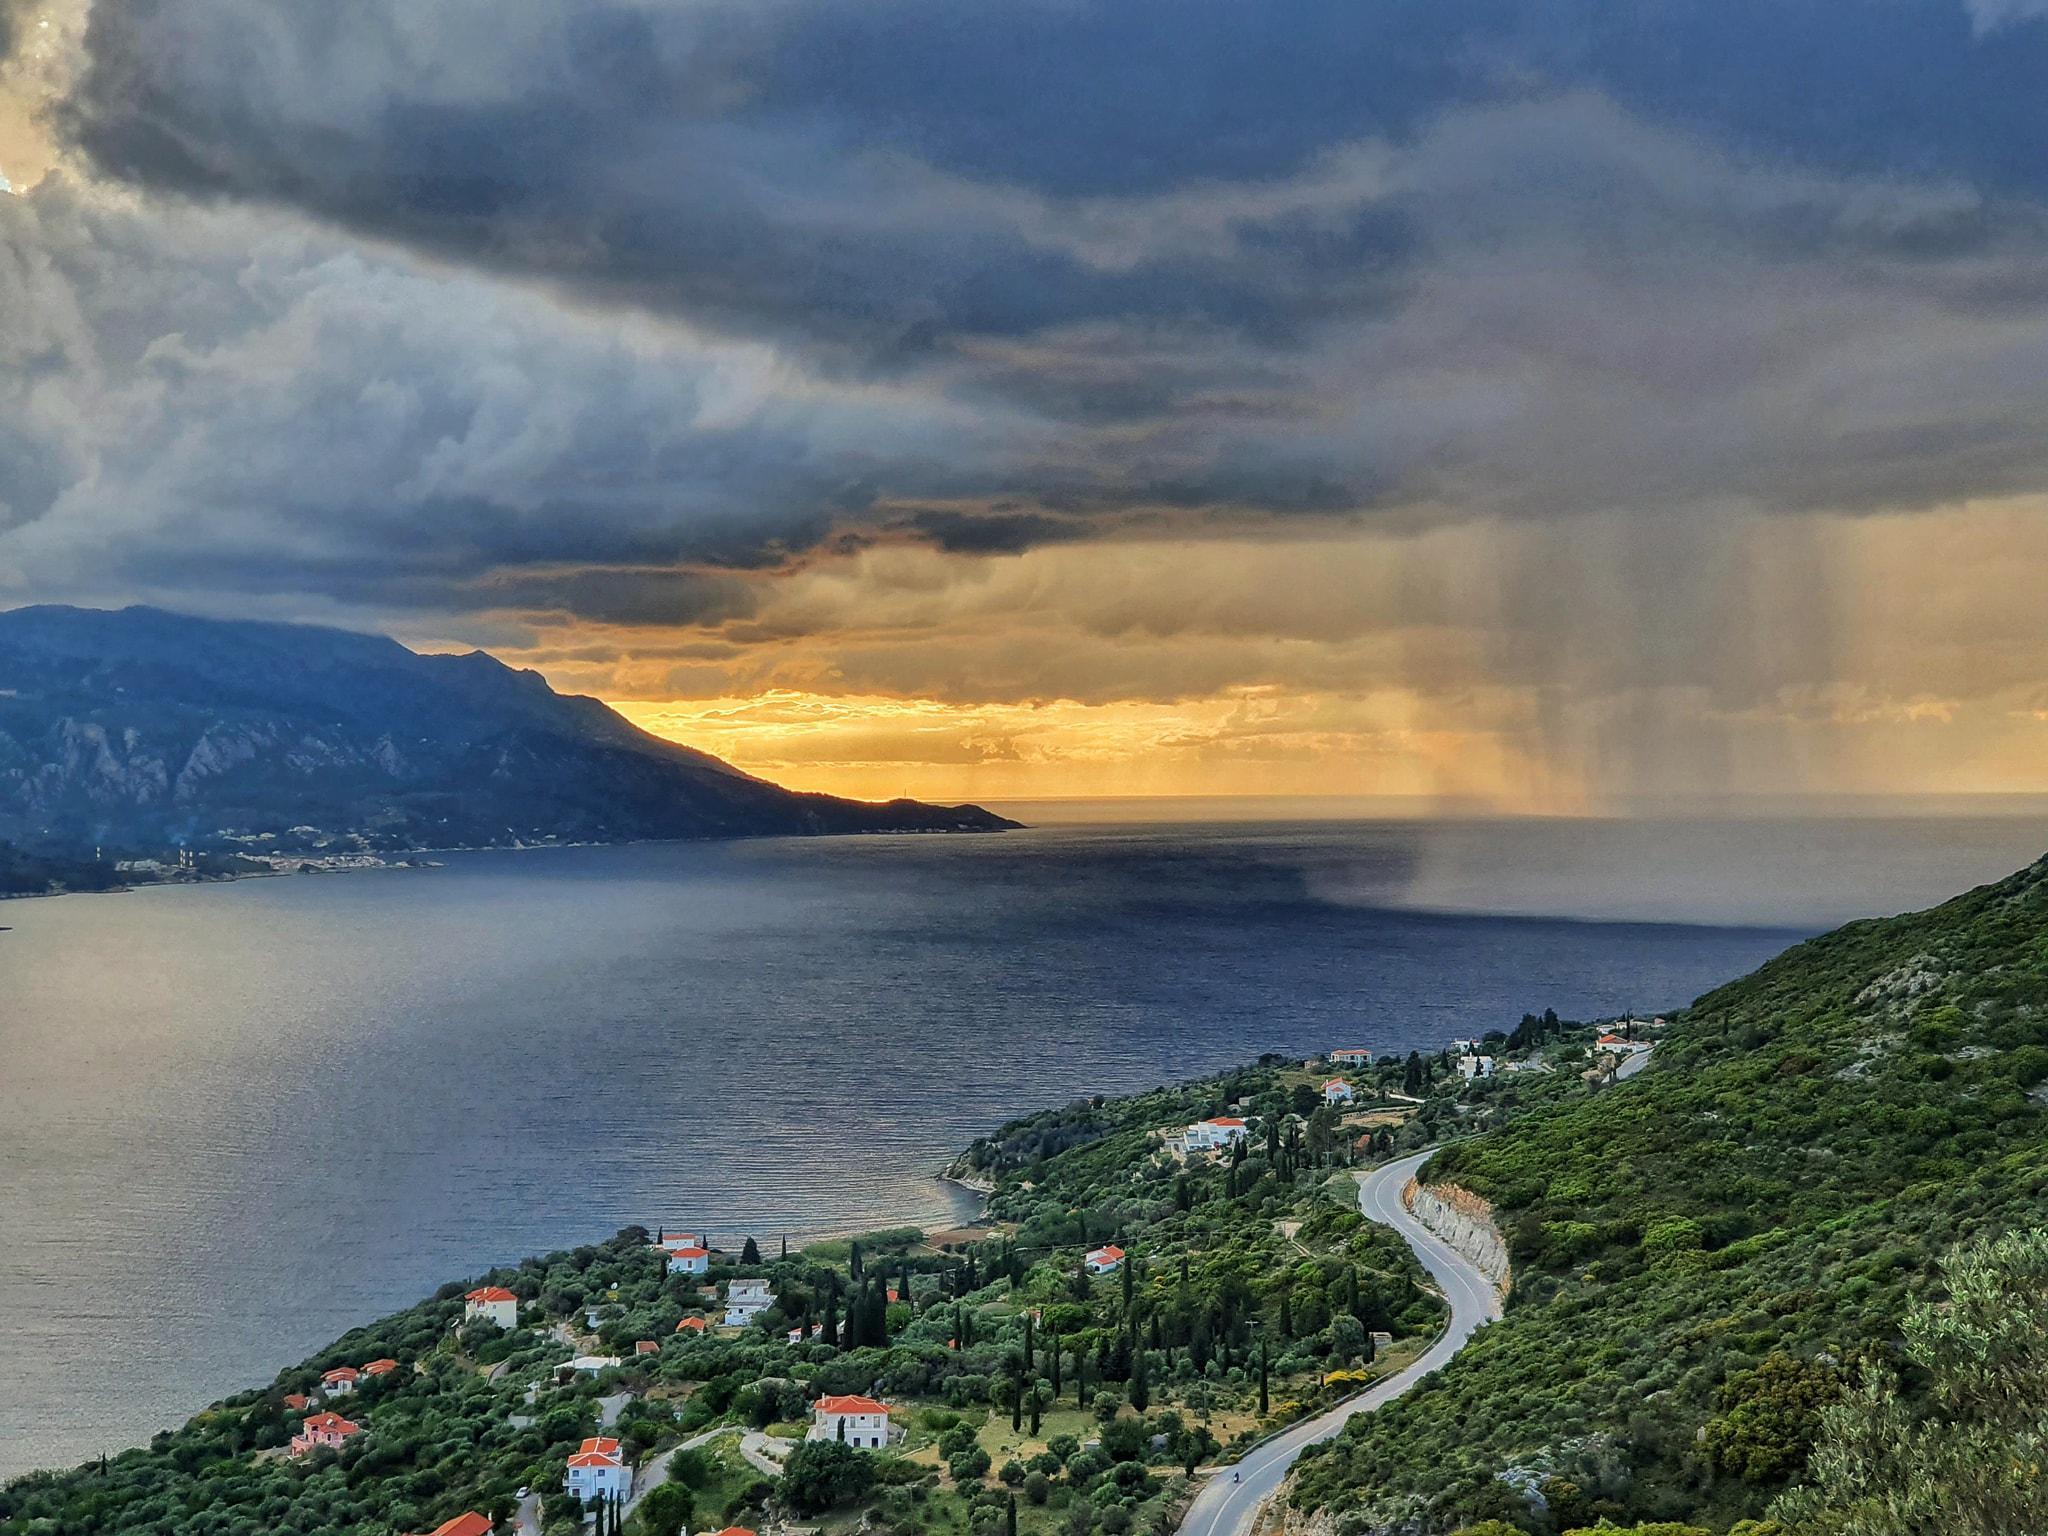 Βροχές την Κυριακή 27/12/20 σε αρκετές περιοχές.